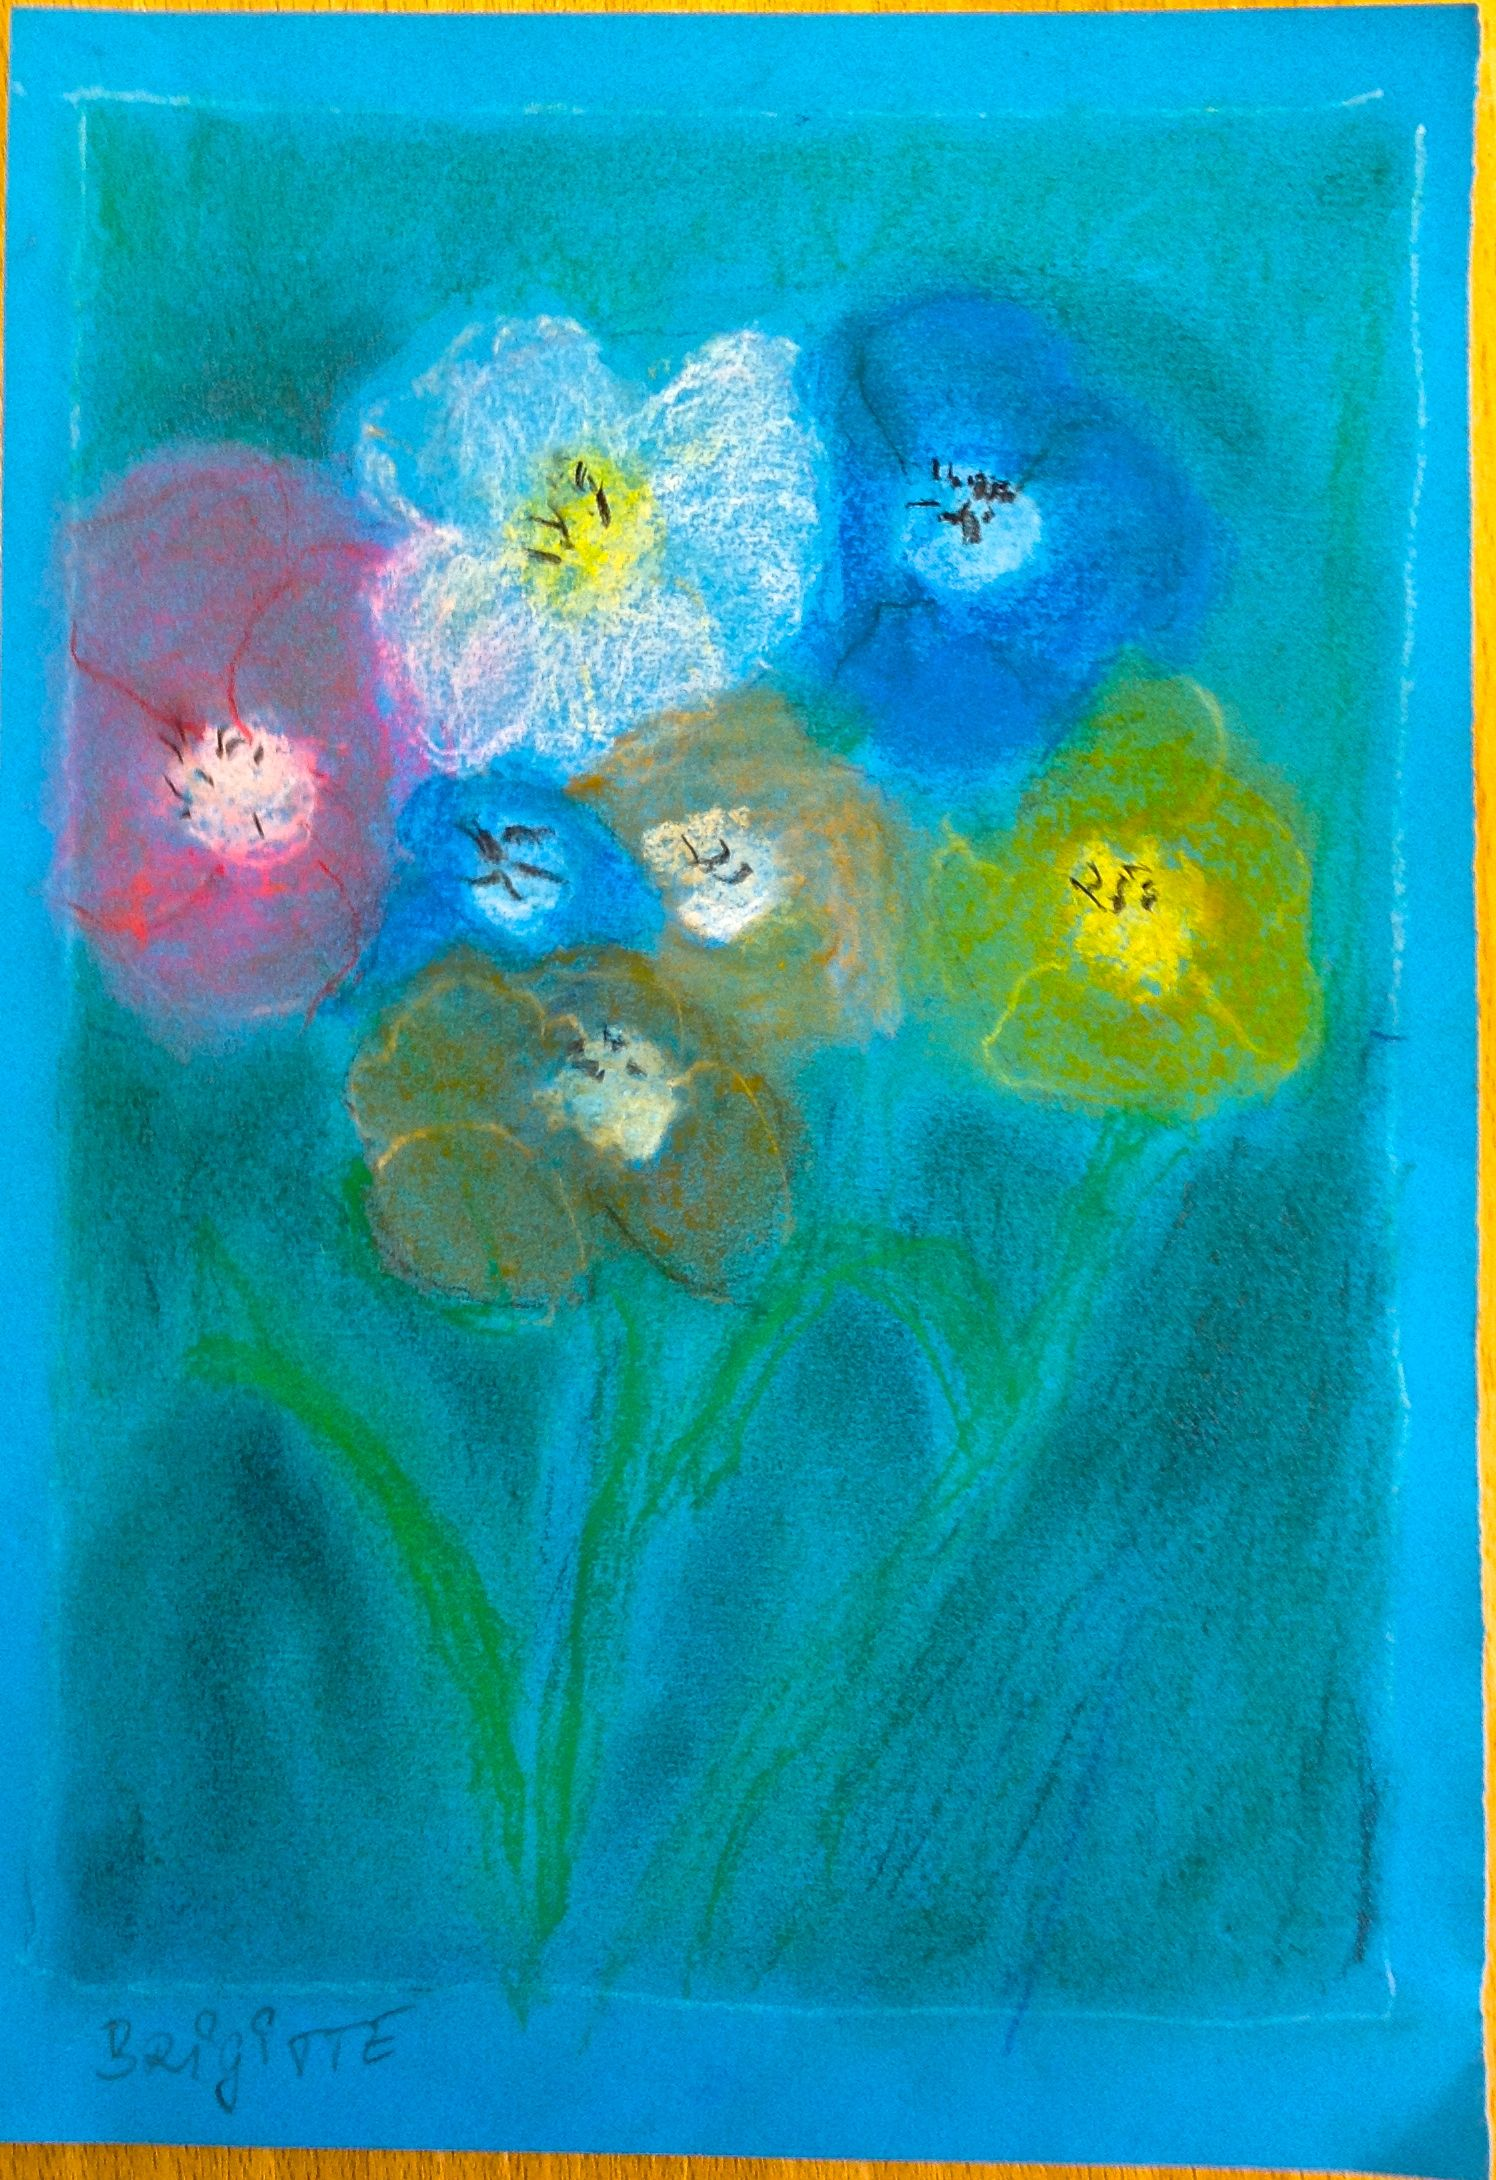 Blumenstrauß (Flowers) - Brigitte